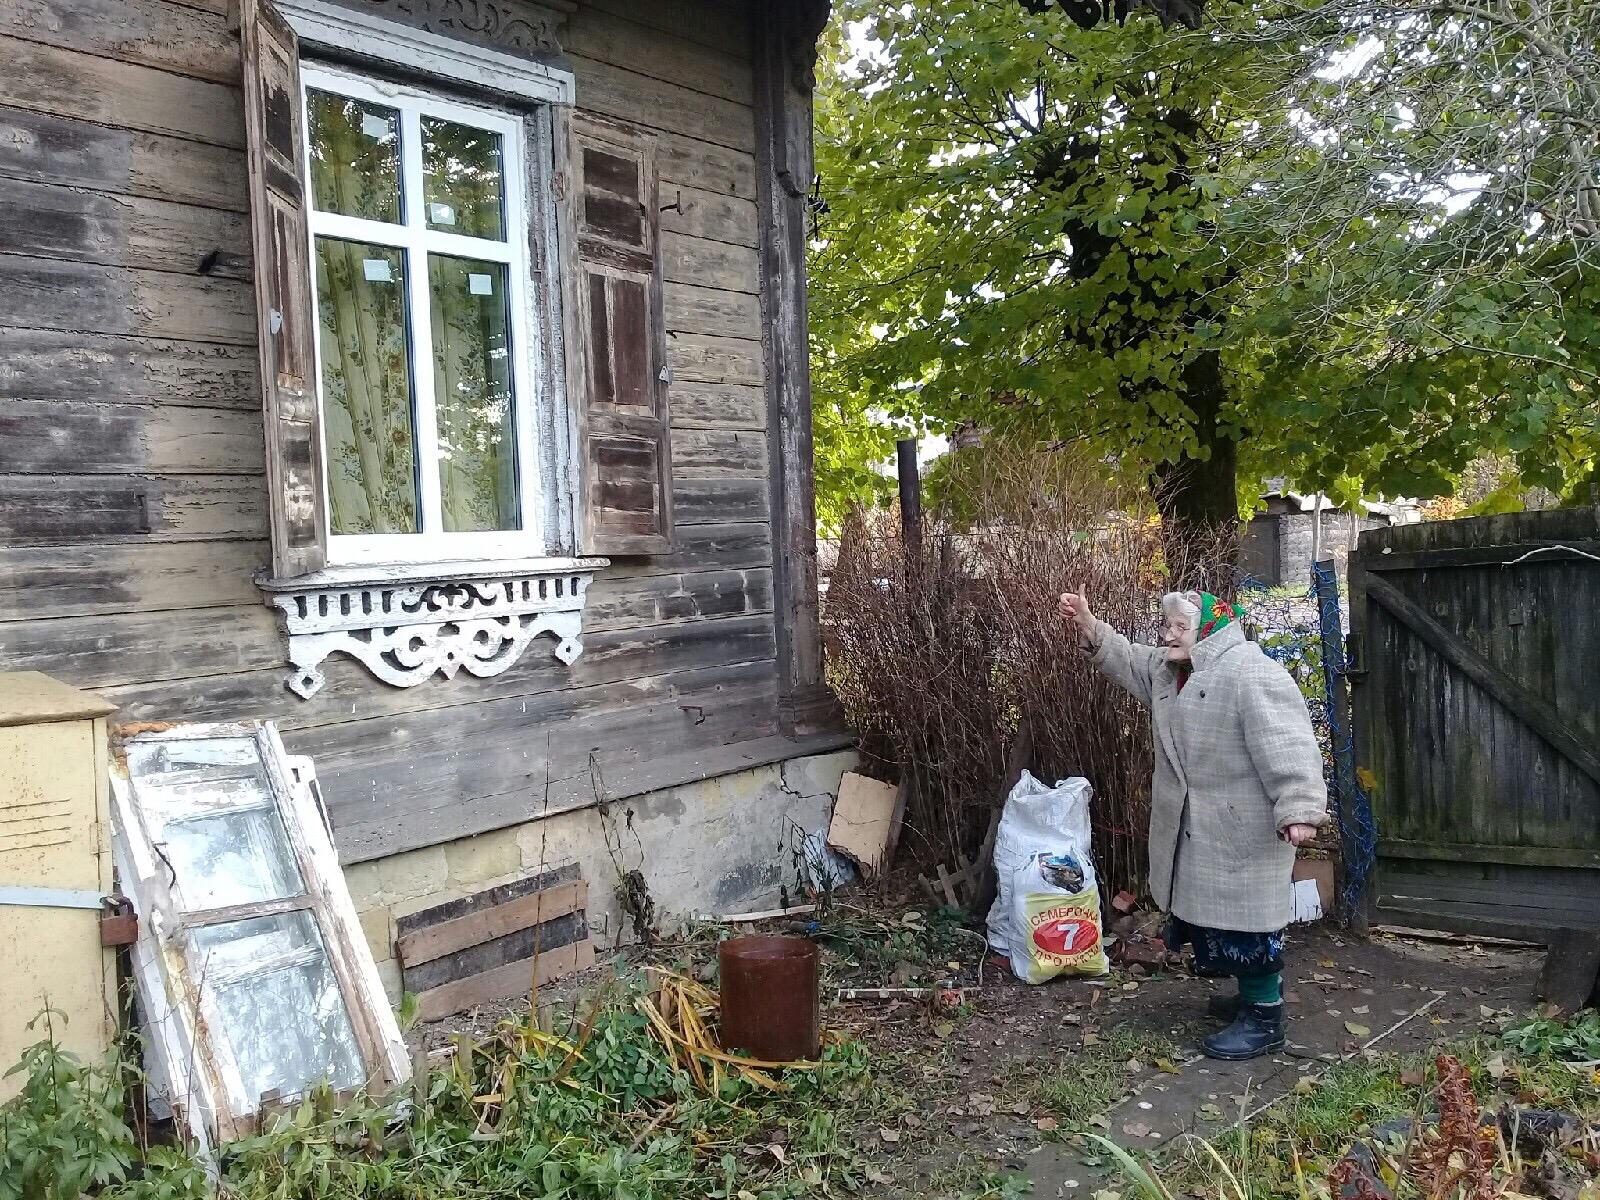 Акция фонда по сбору средств пенсионерке на окна принесла плоды - уже установлено два окна.